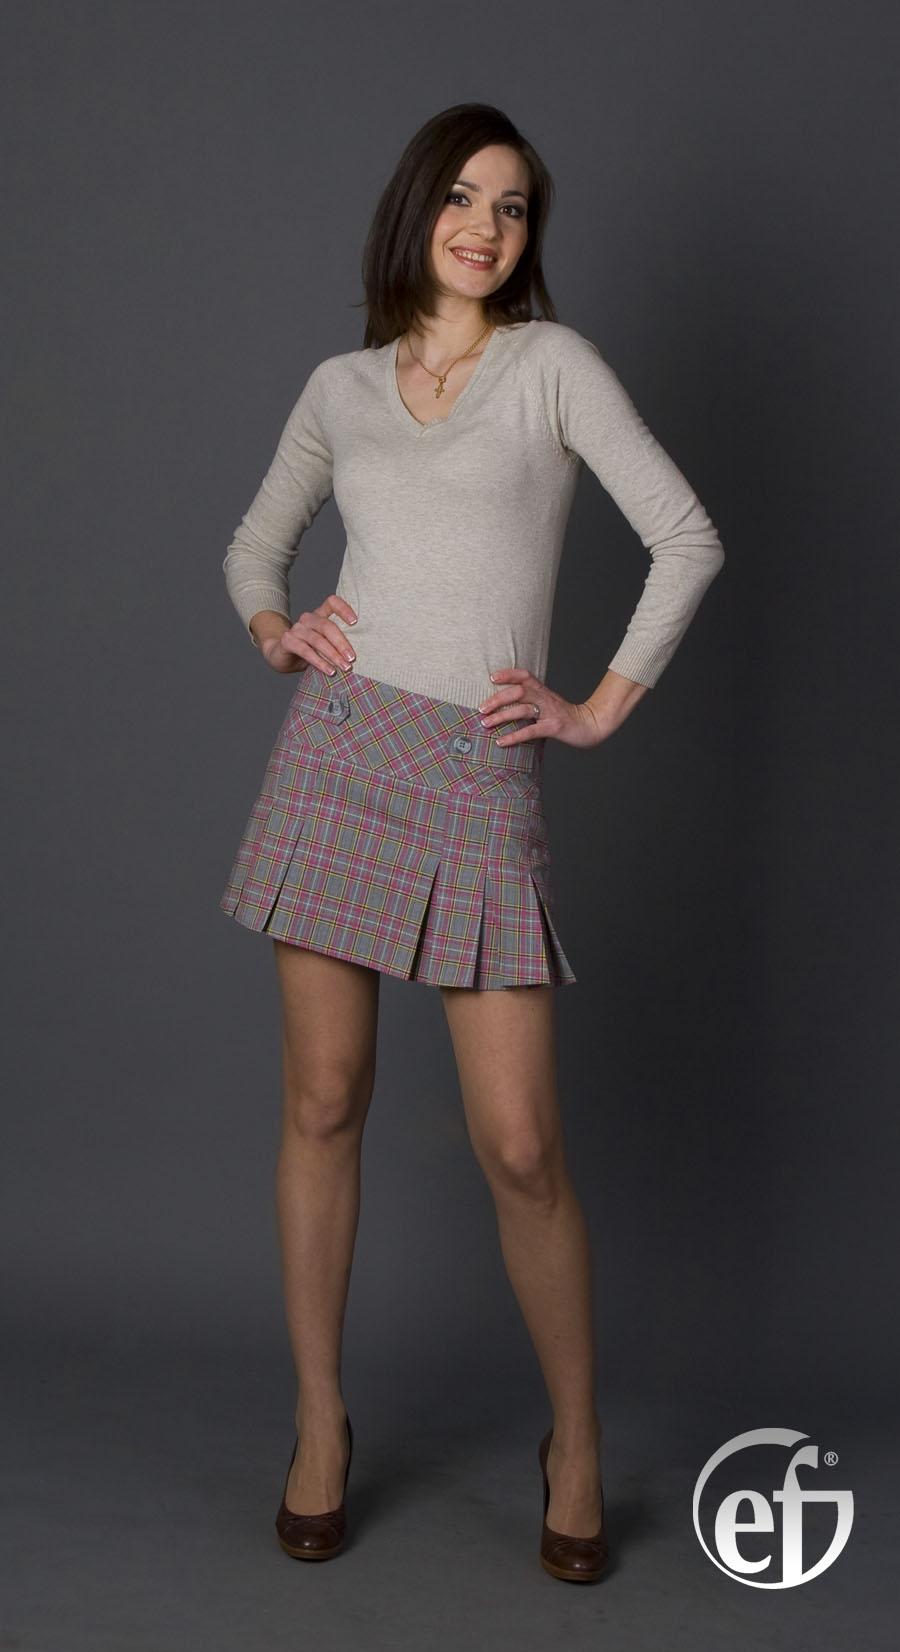 Фото девушек в мини юбки и чулках 16 фотография